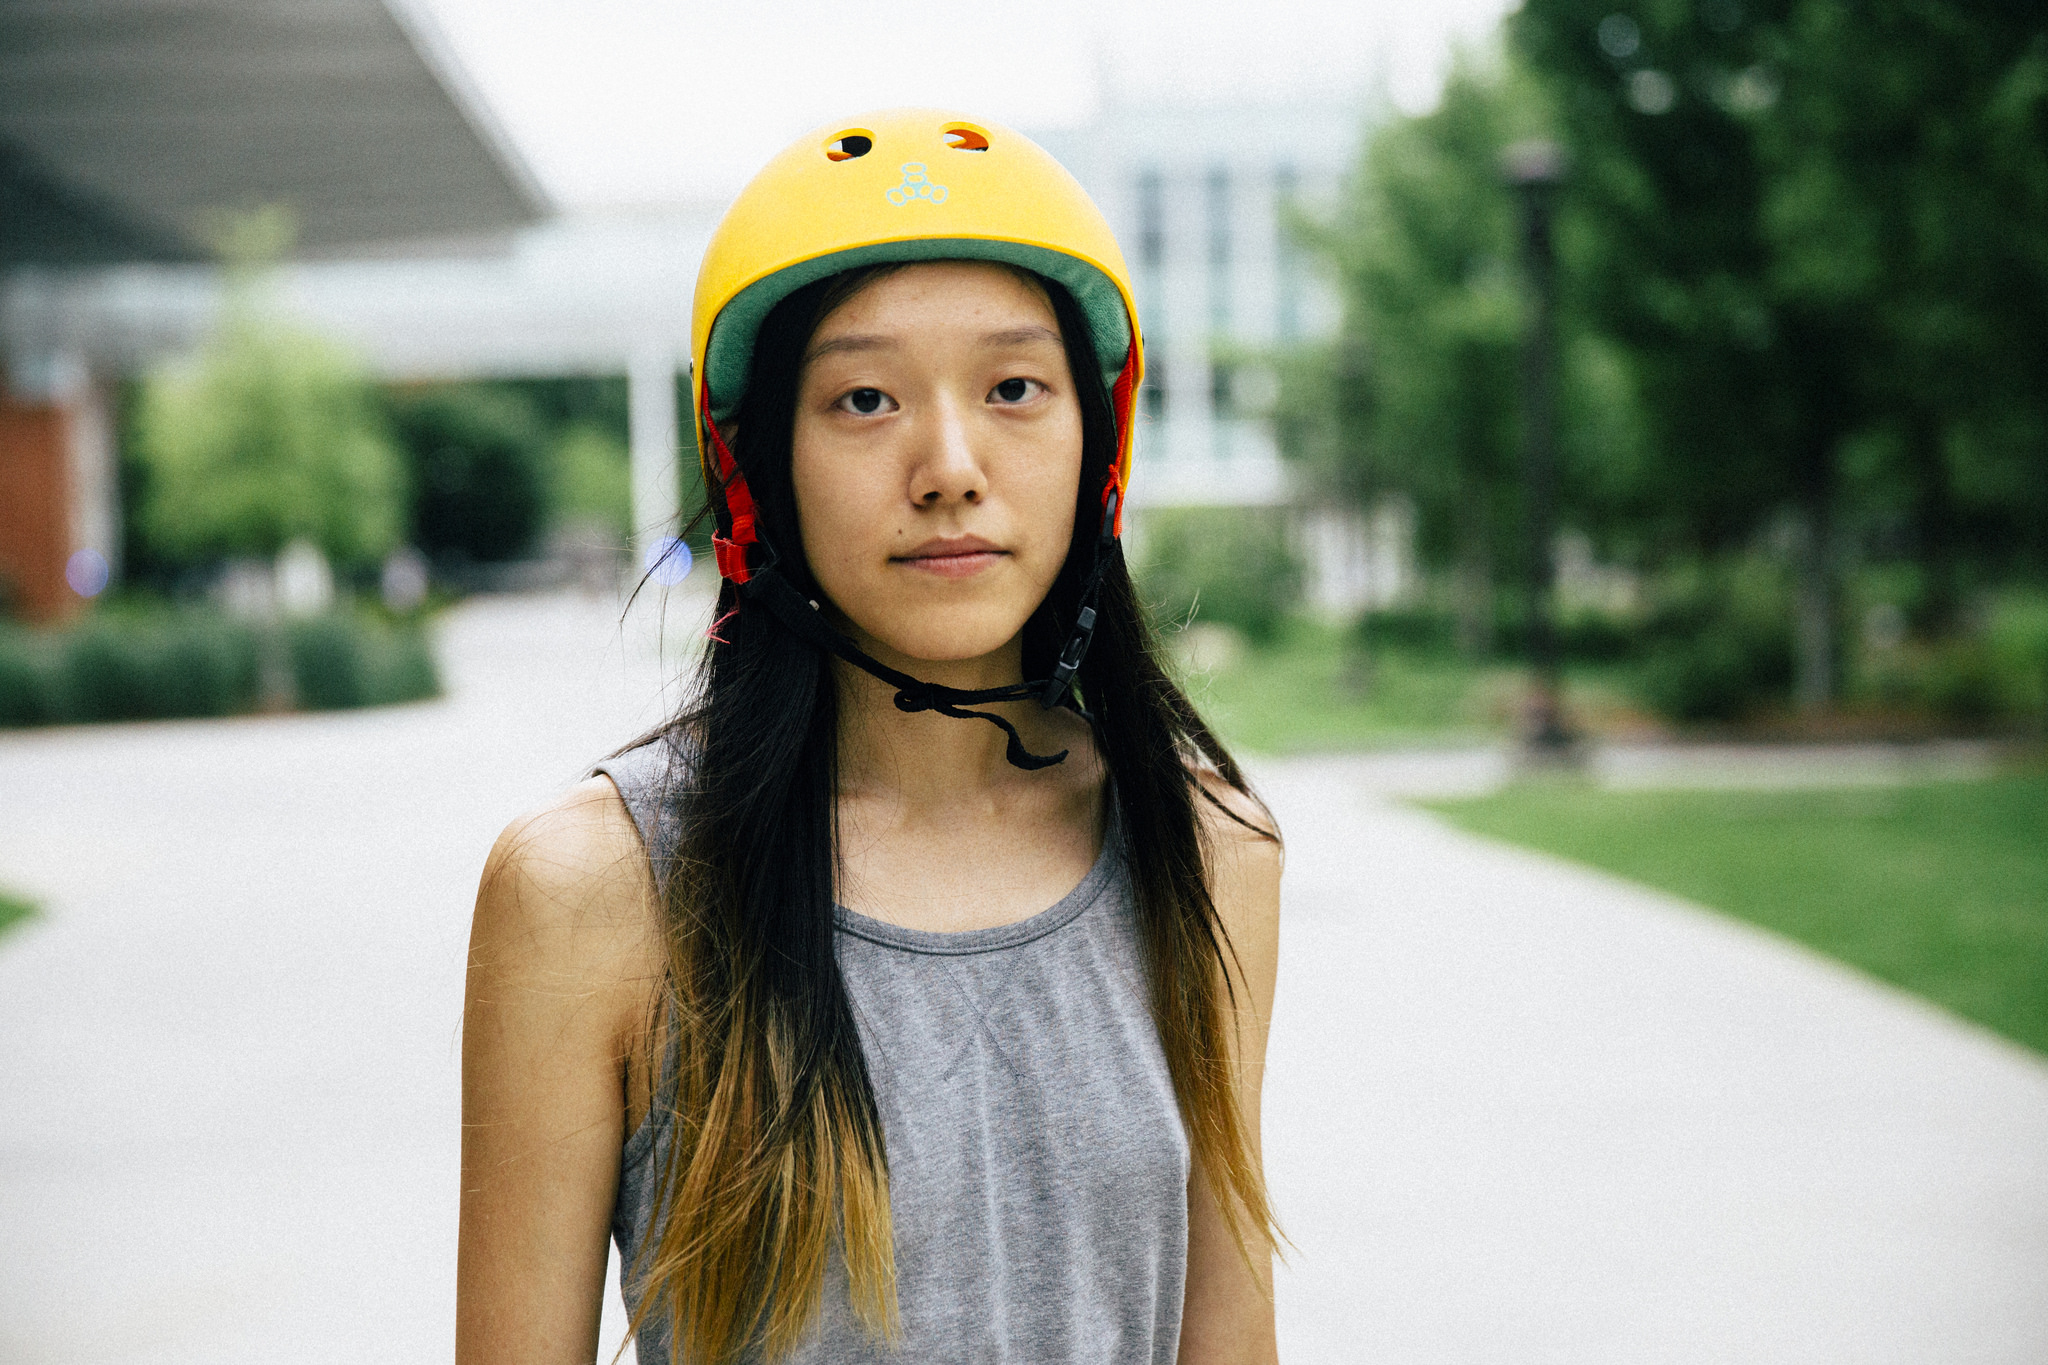 SkaterGirl_01.jpg